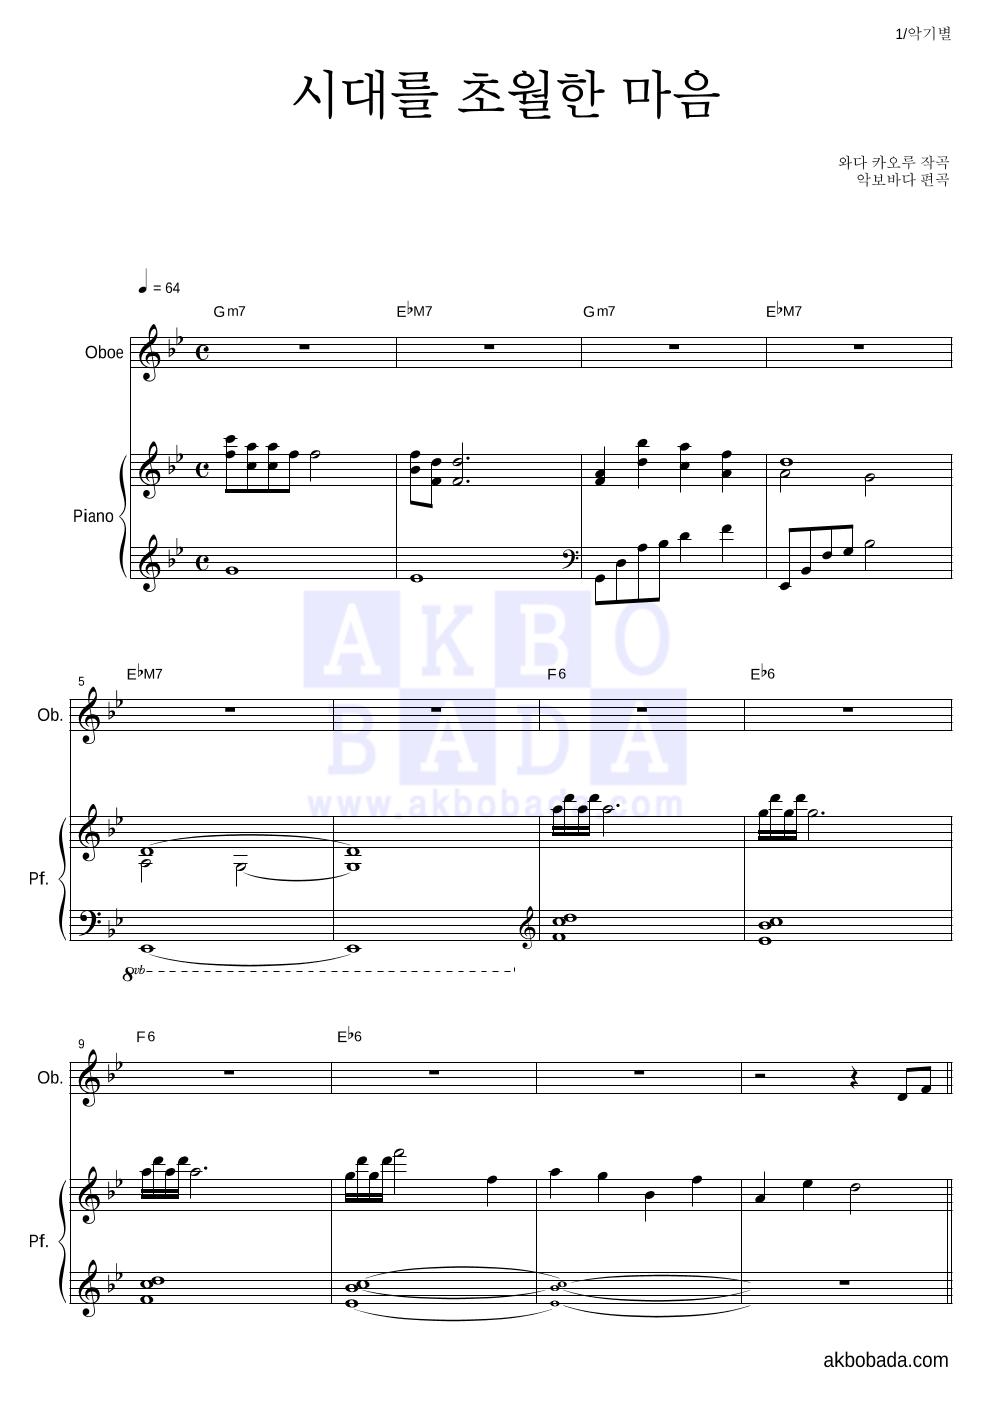 이누야사 OST - 시대를 초월한 마음 오보에&피아노 악보